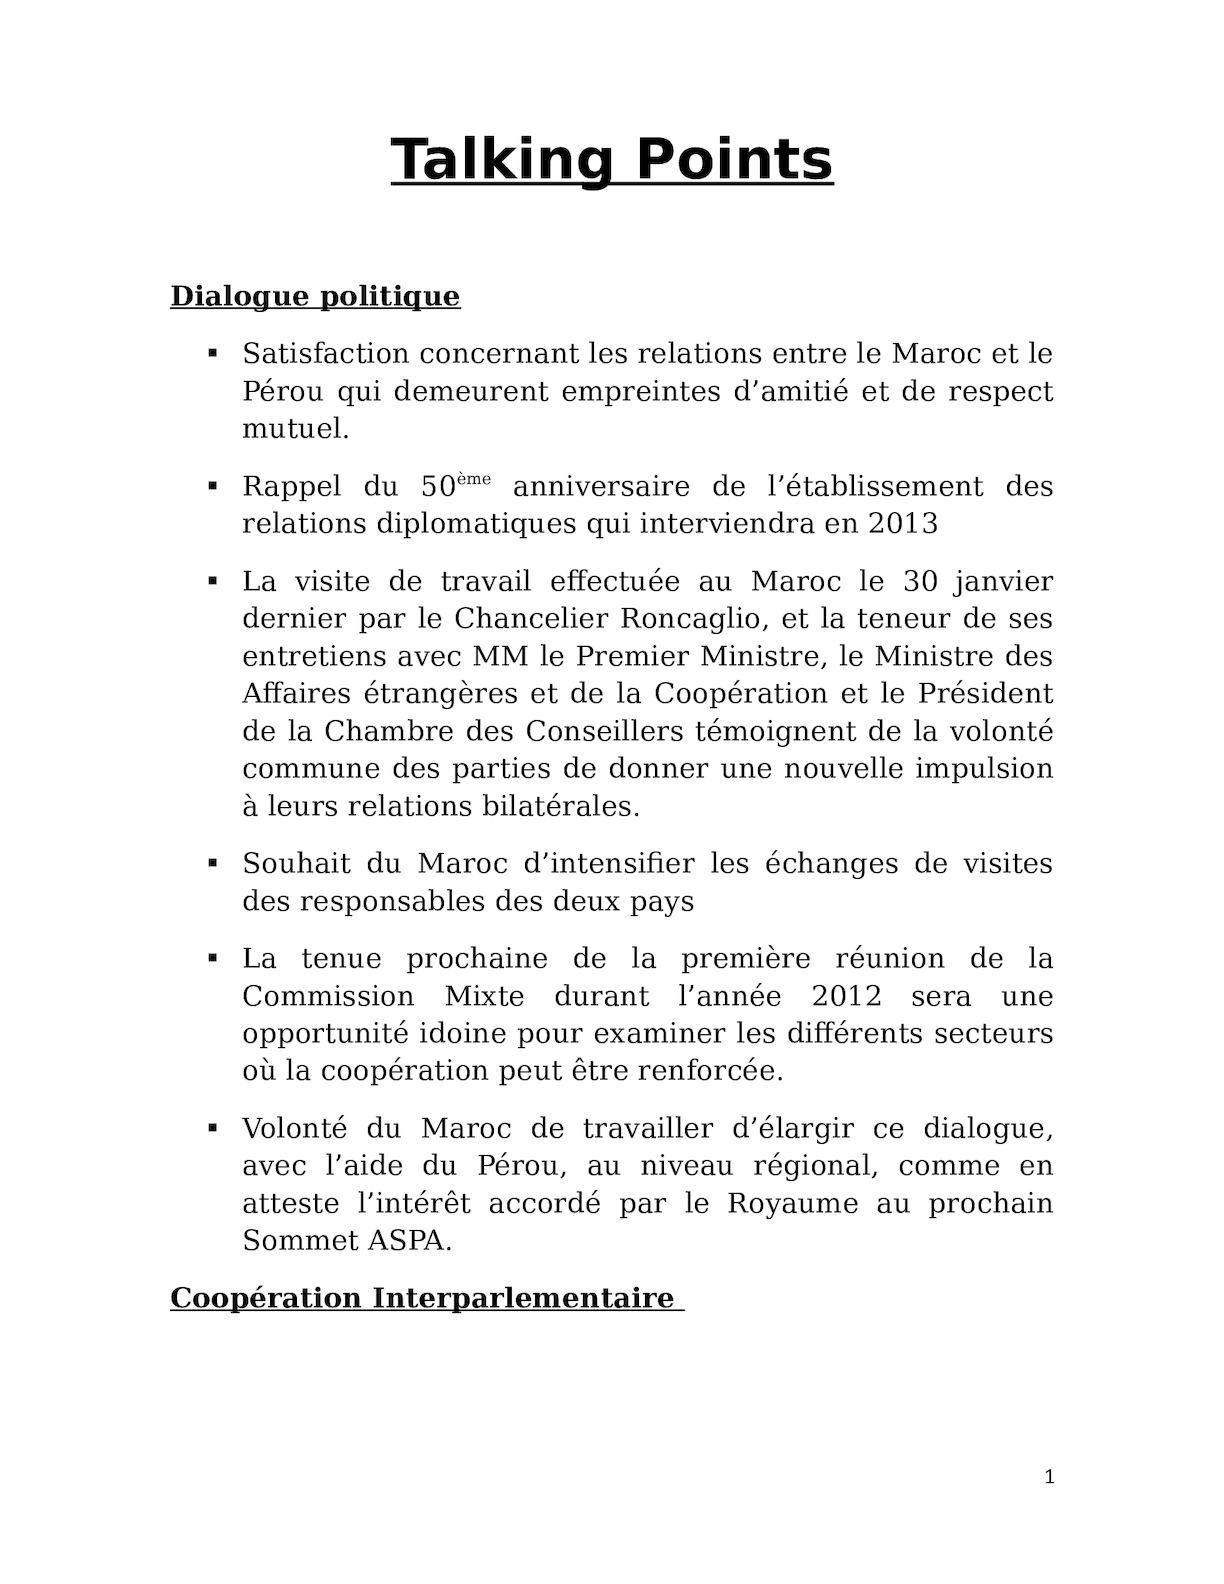 Talking Points Réunion Du 23 02 12